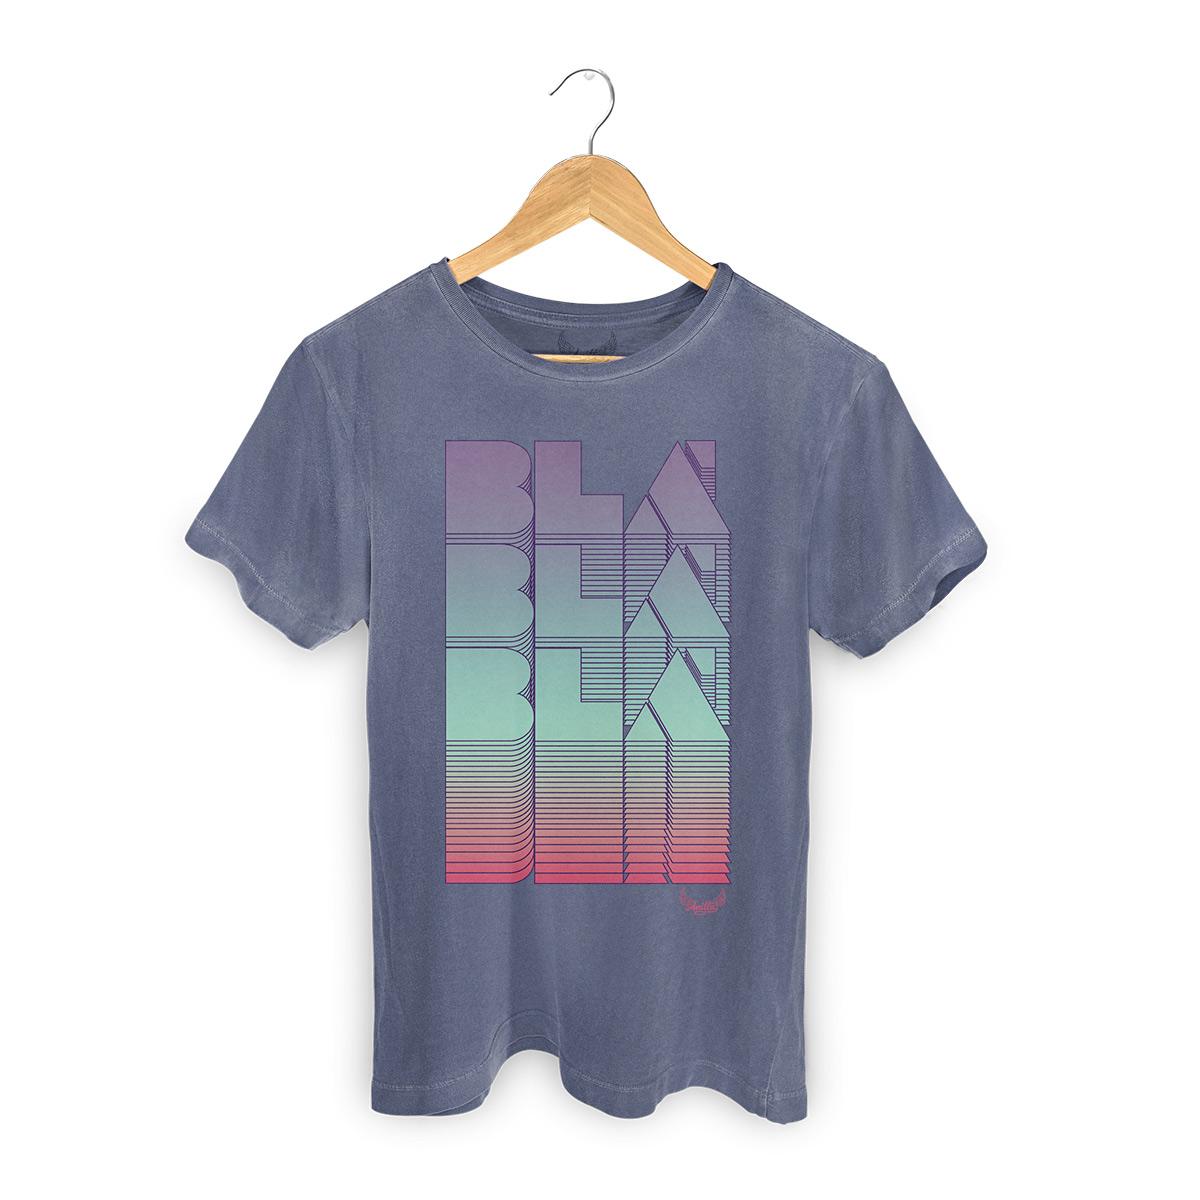 T-shirt Premium Masculina Anitta Bl� Bl� Bl�